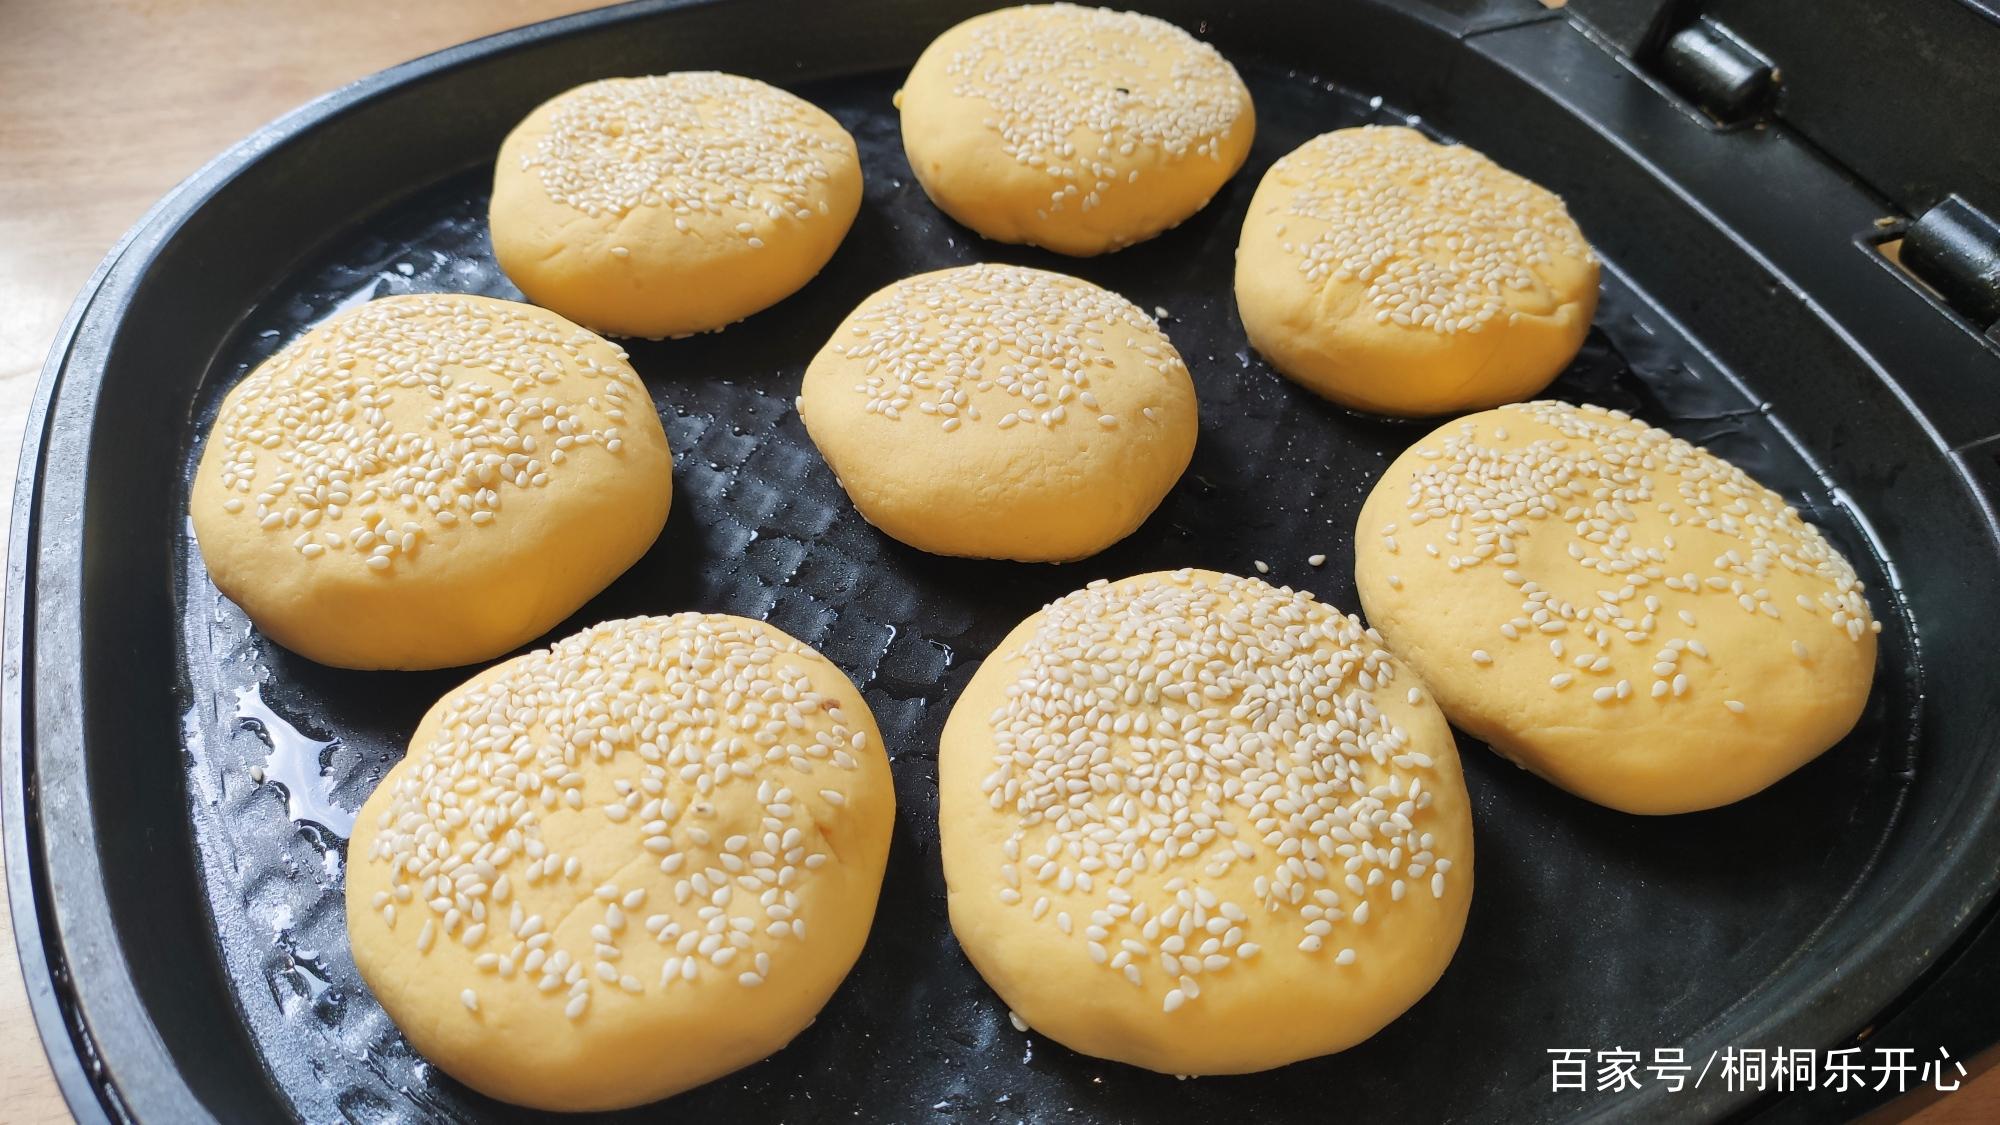 春天要多吃粗粮,教你在家做玉米饼的吃法,外脆里甜,全家都爱吃